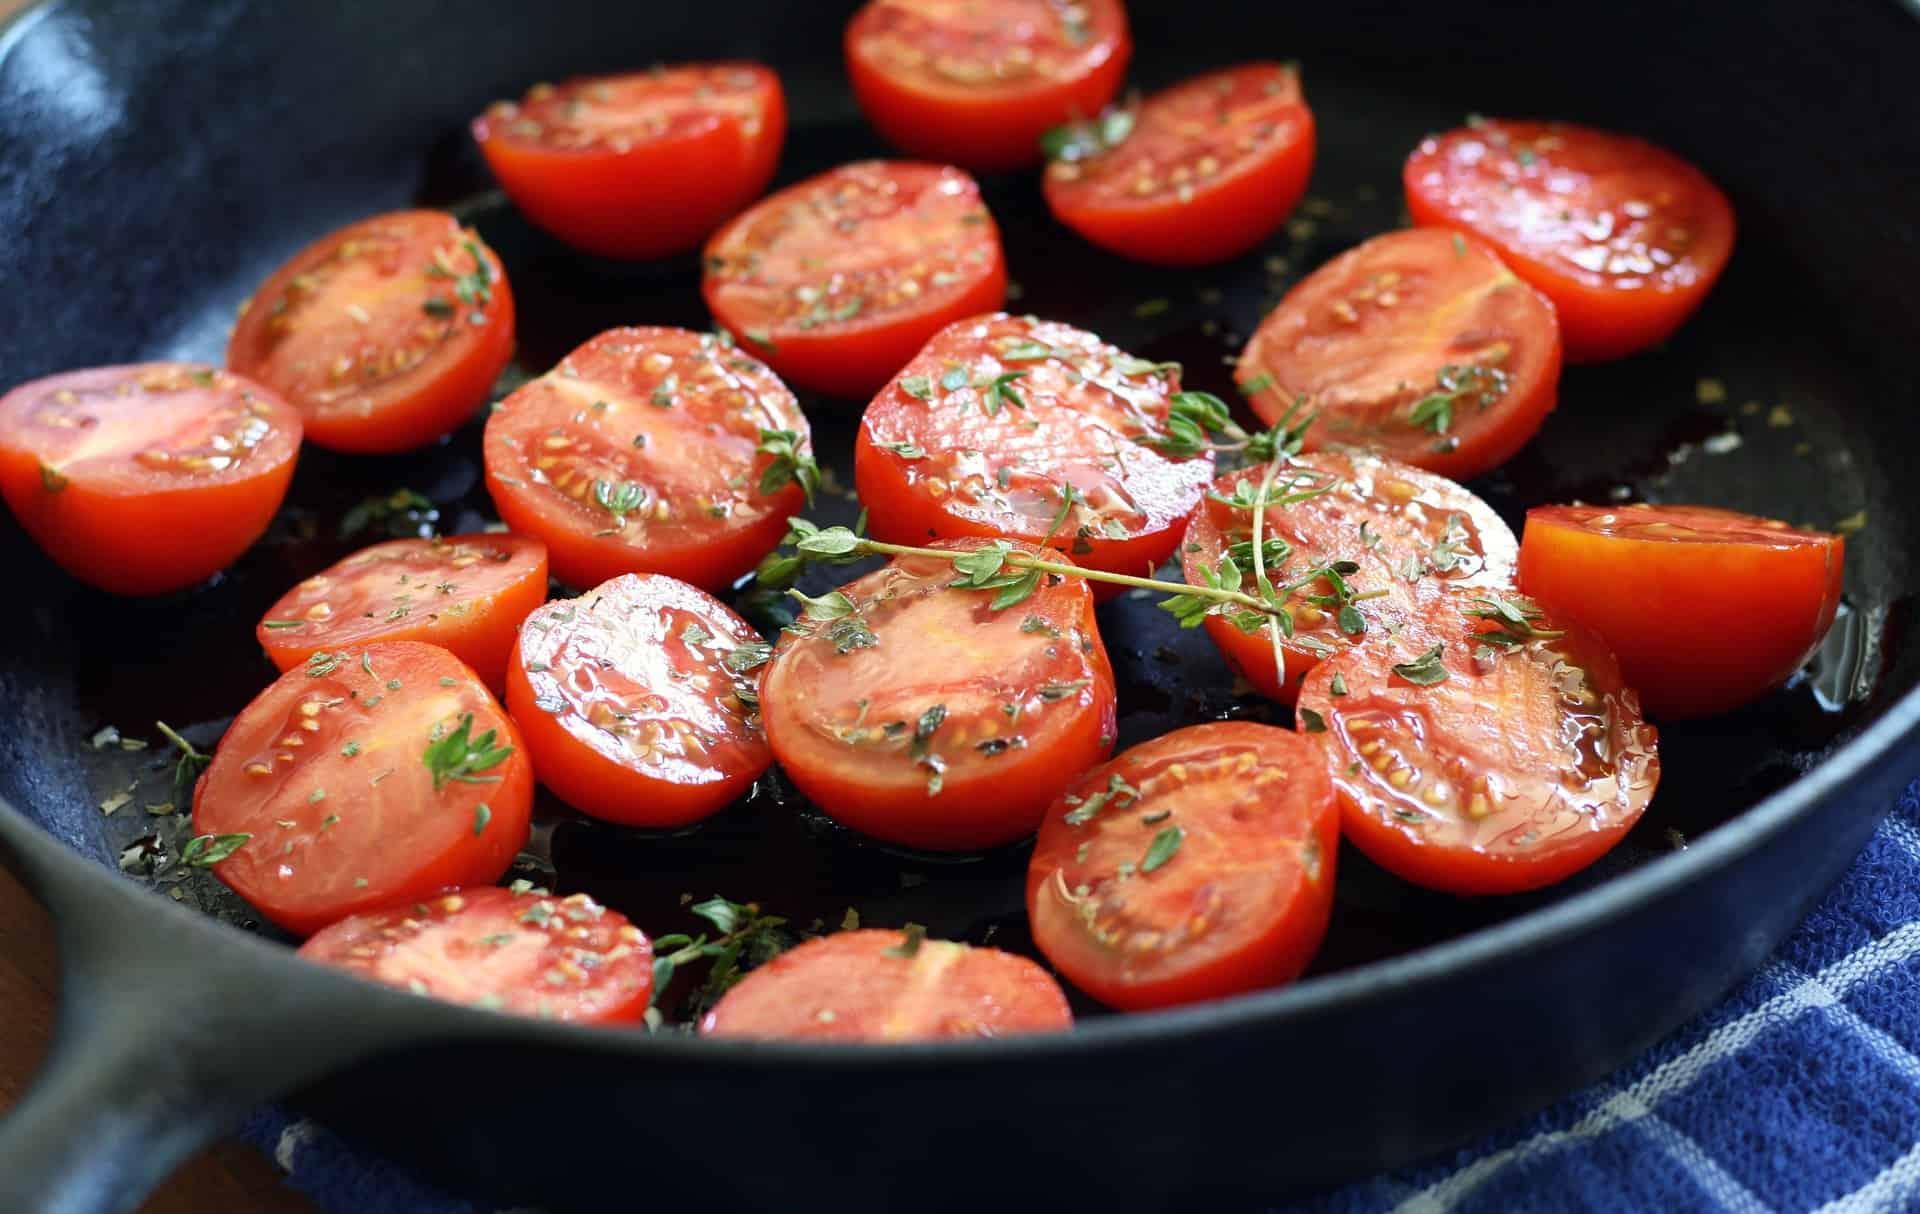 Mediterane Speisen zumeist laktose- und glutenfrei